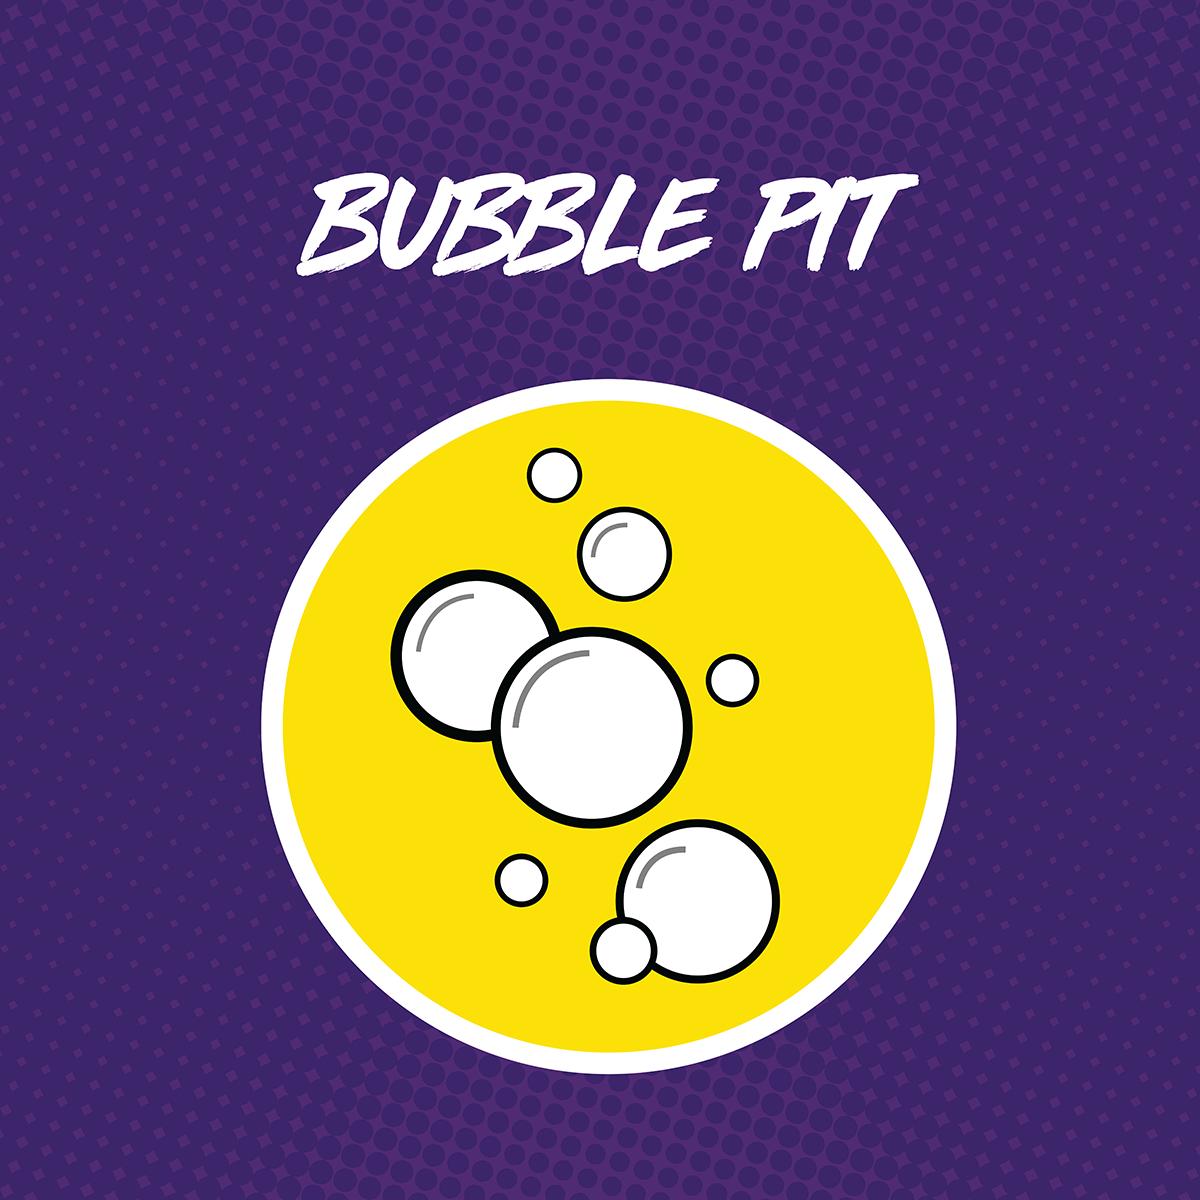 bubblepit.png